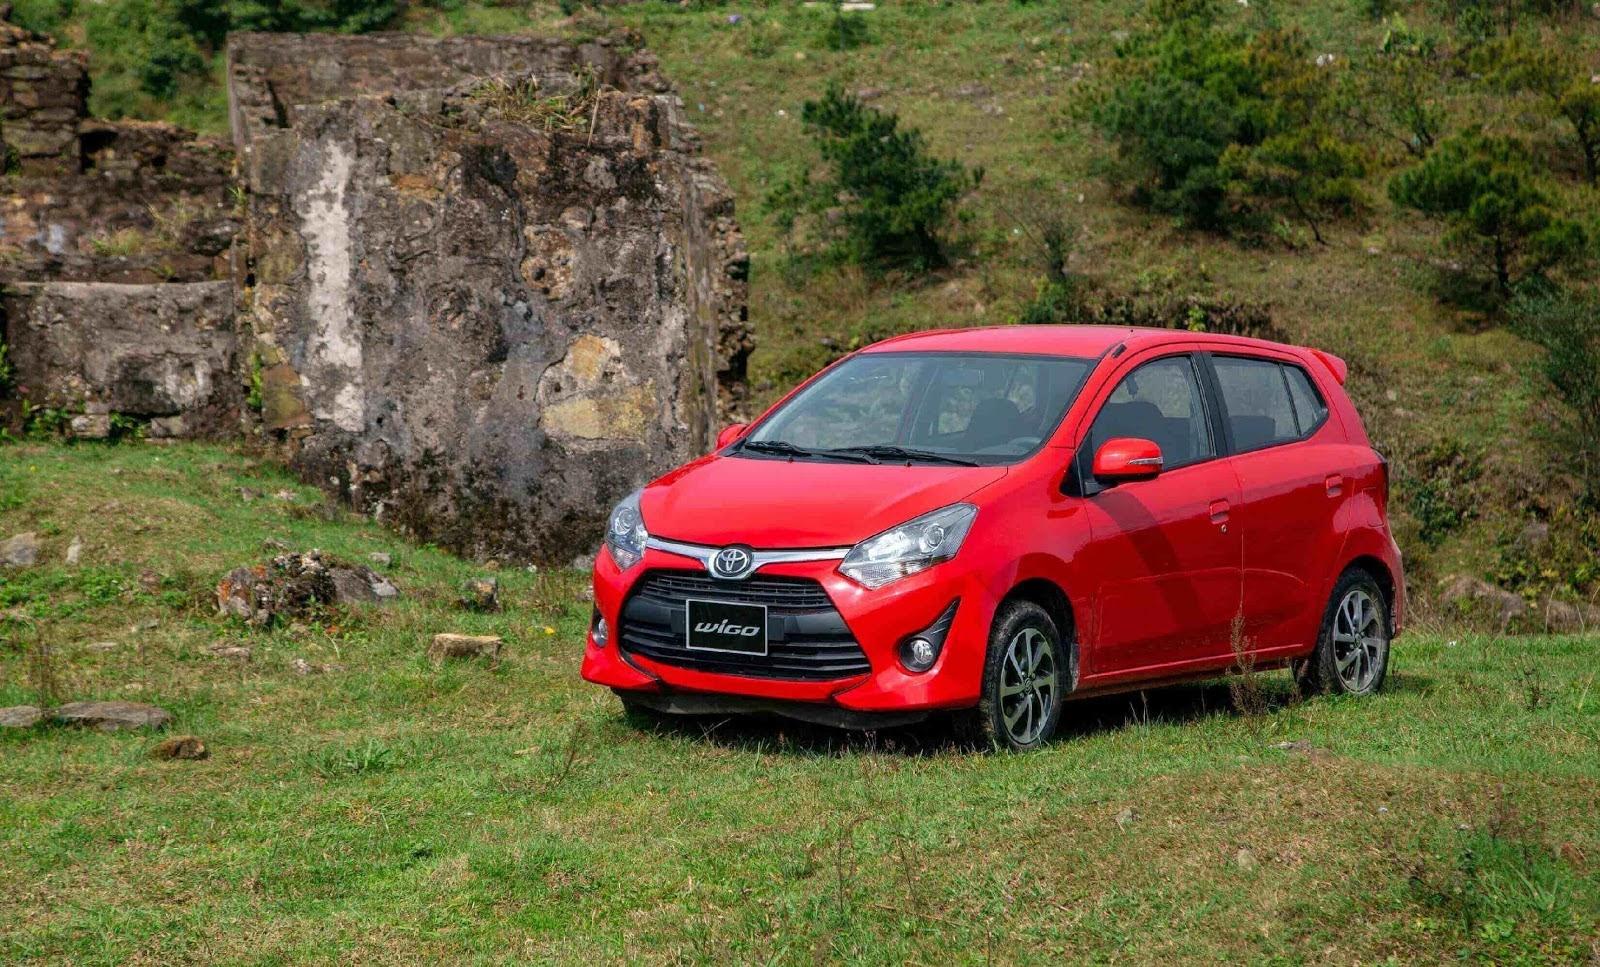 Toyota Wigo đem đến sự vận hành ổn định, linh hoạt dù trên địa hình gồ ghề.